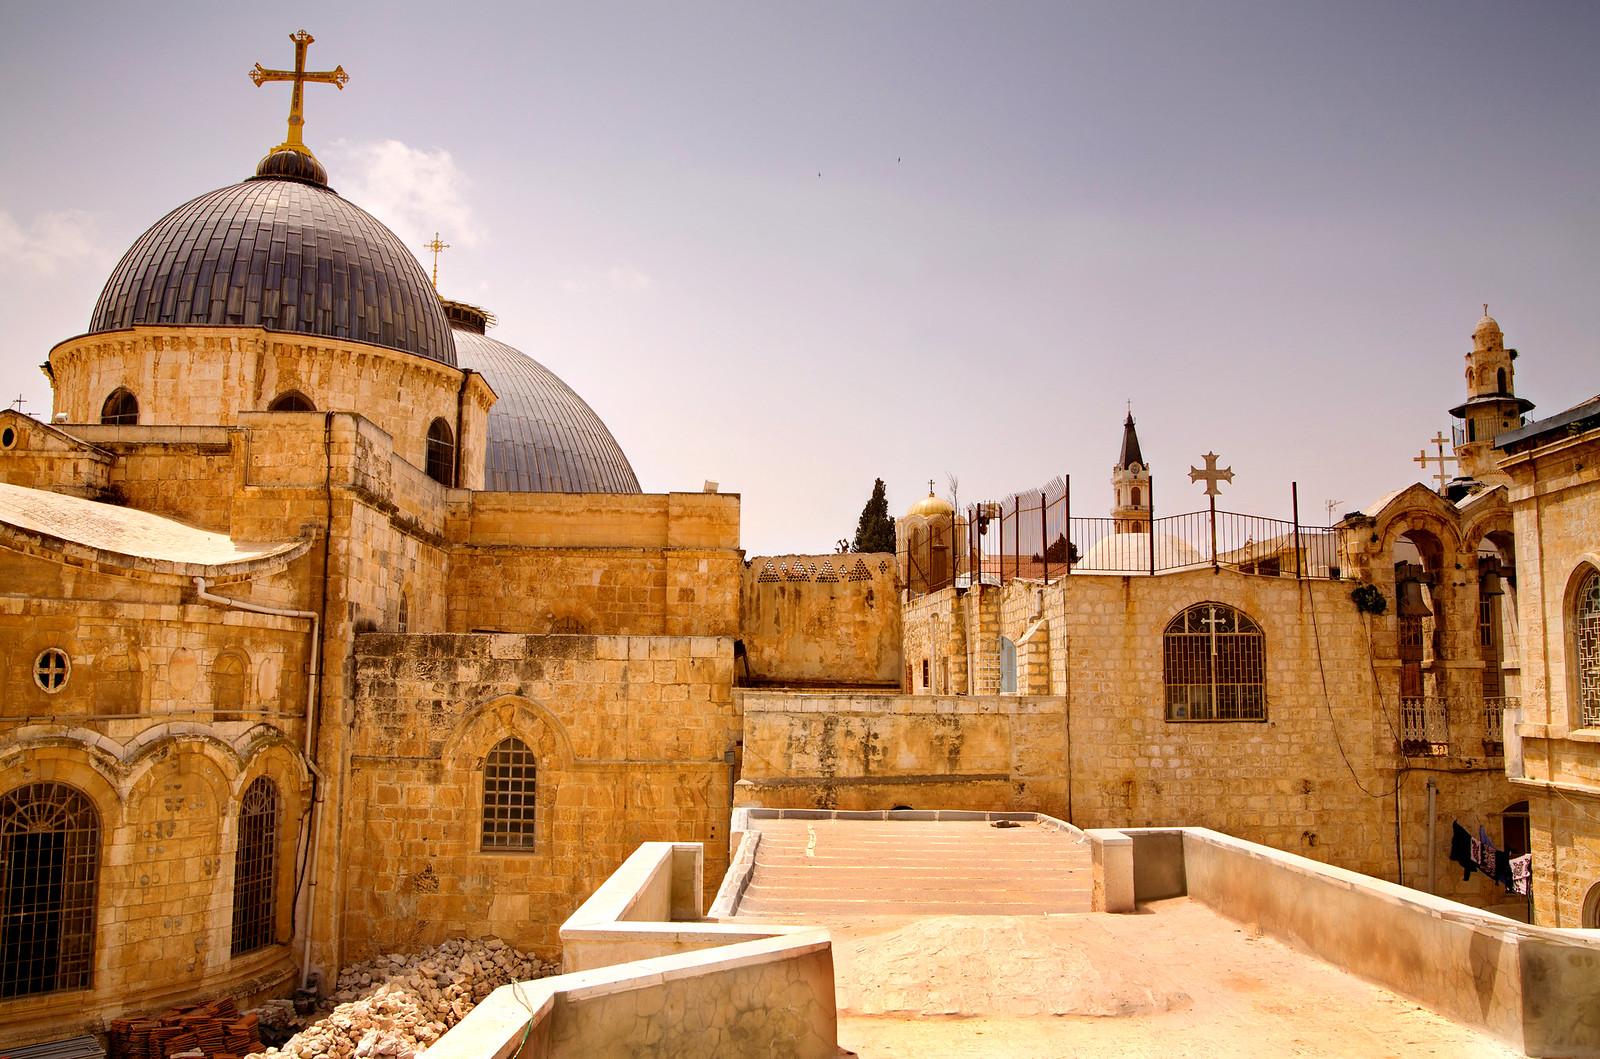 Jerusalem_Holy Sepulcher_11_Noam Chen_IMOT